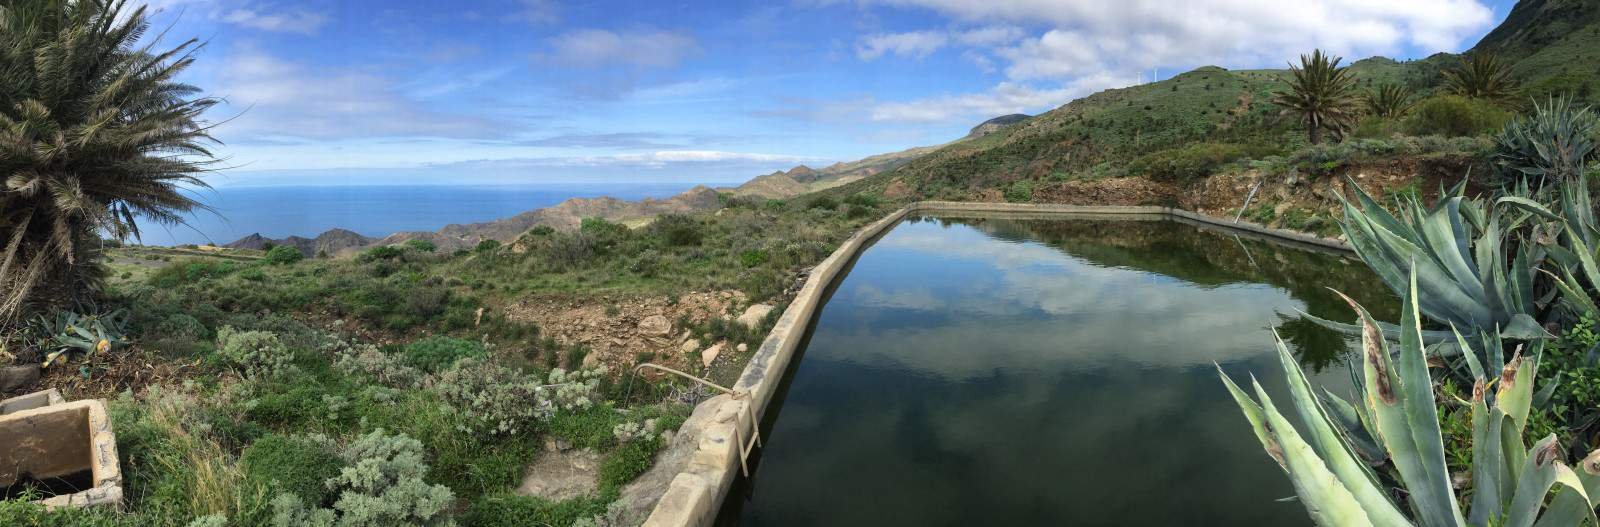 Eines der zahlreichen Wasserbecken bei Alojera